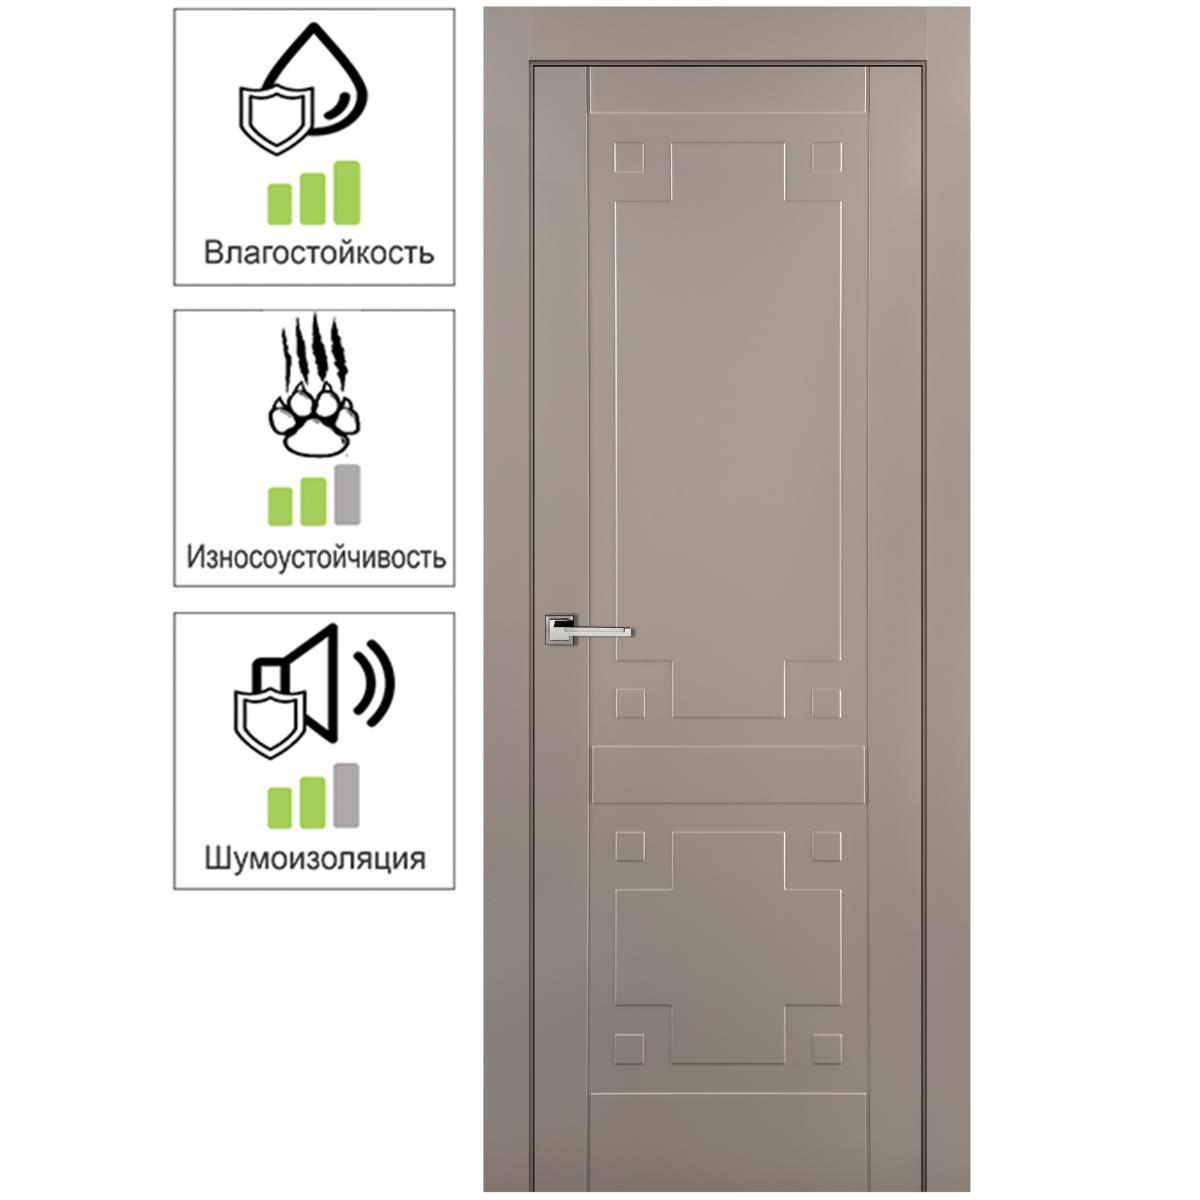 Дверь Межкомнатная Глухая С Замком В Комплекте Лира 60x200 Эмаль Цвет Мускат